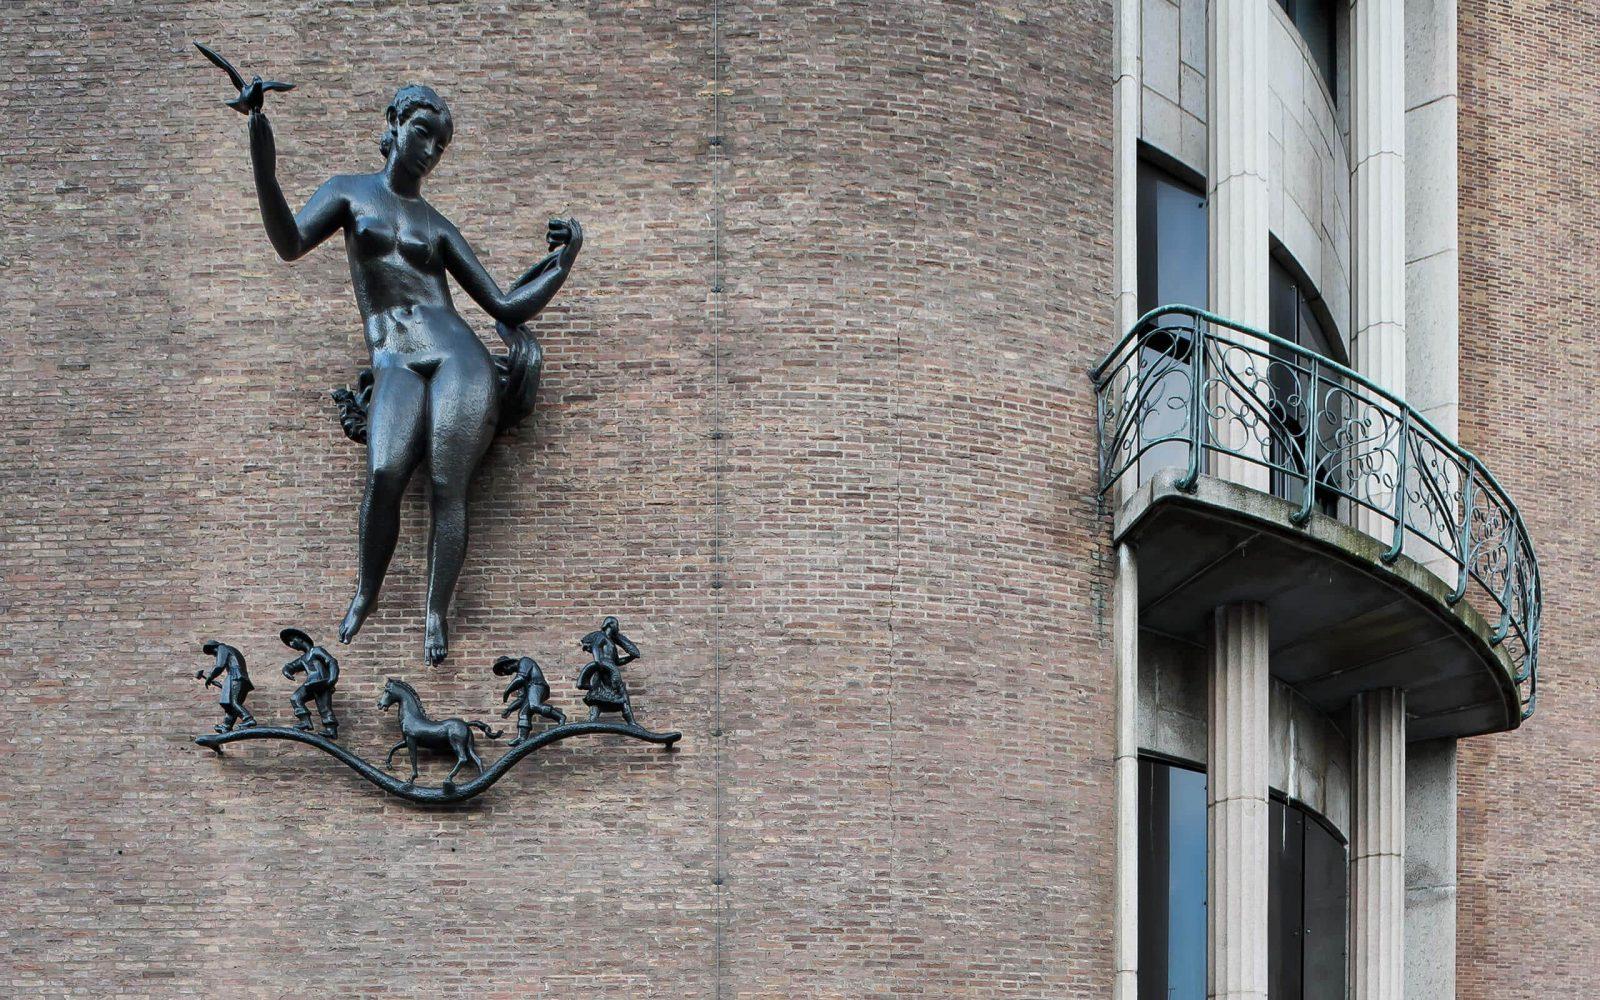 Rotterdamse Bank 1 1